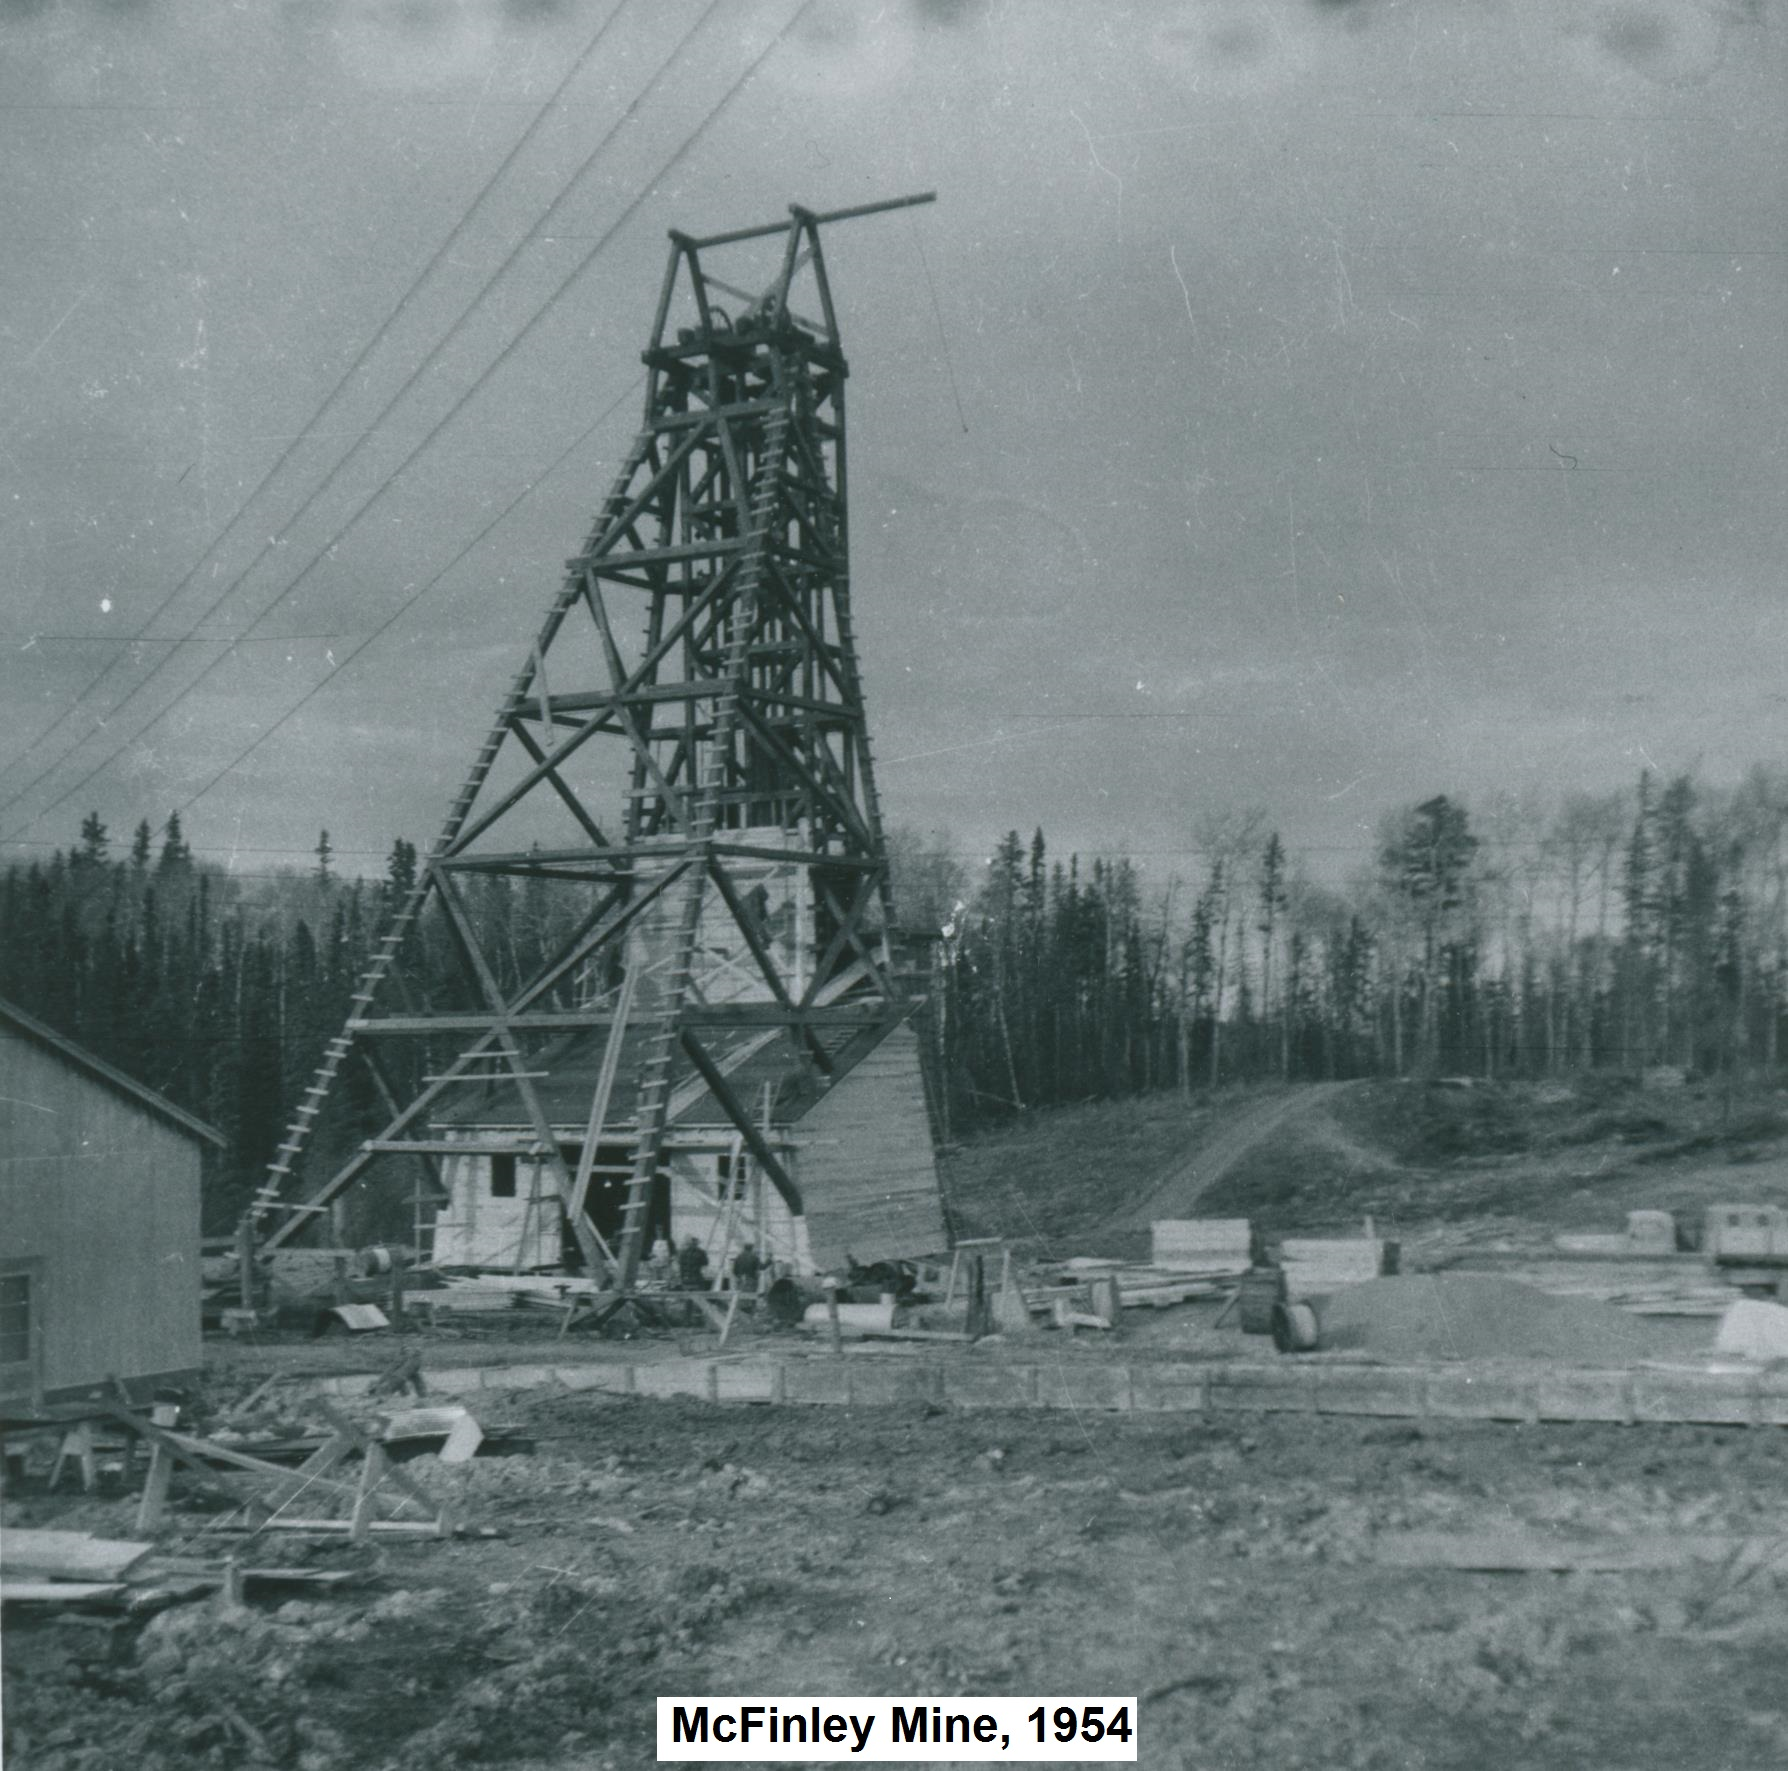 McFinley Mine, Mckenzie